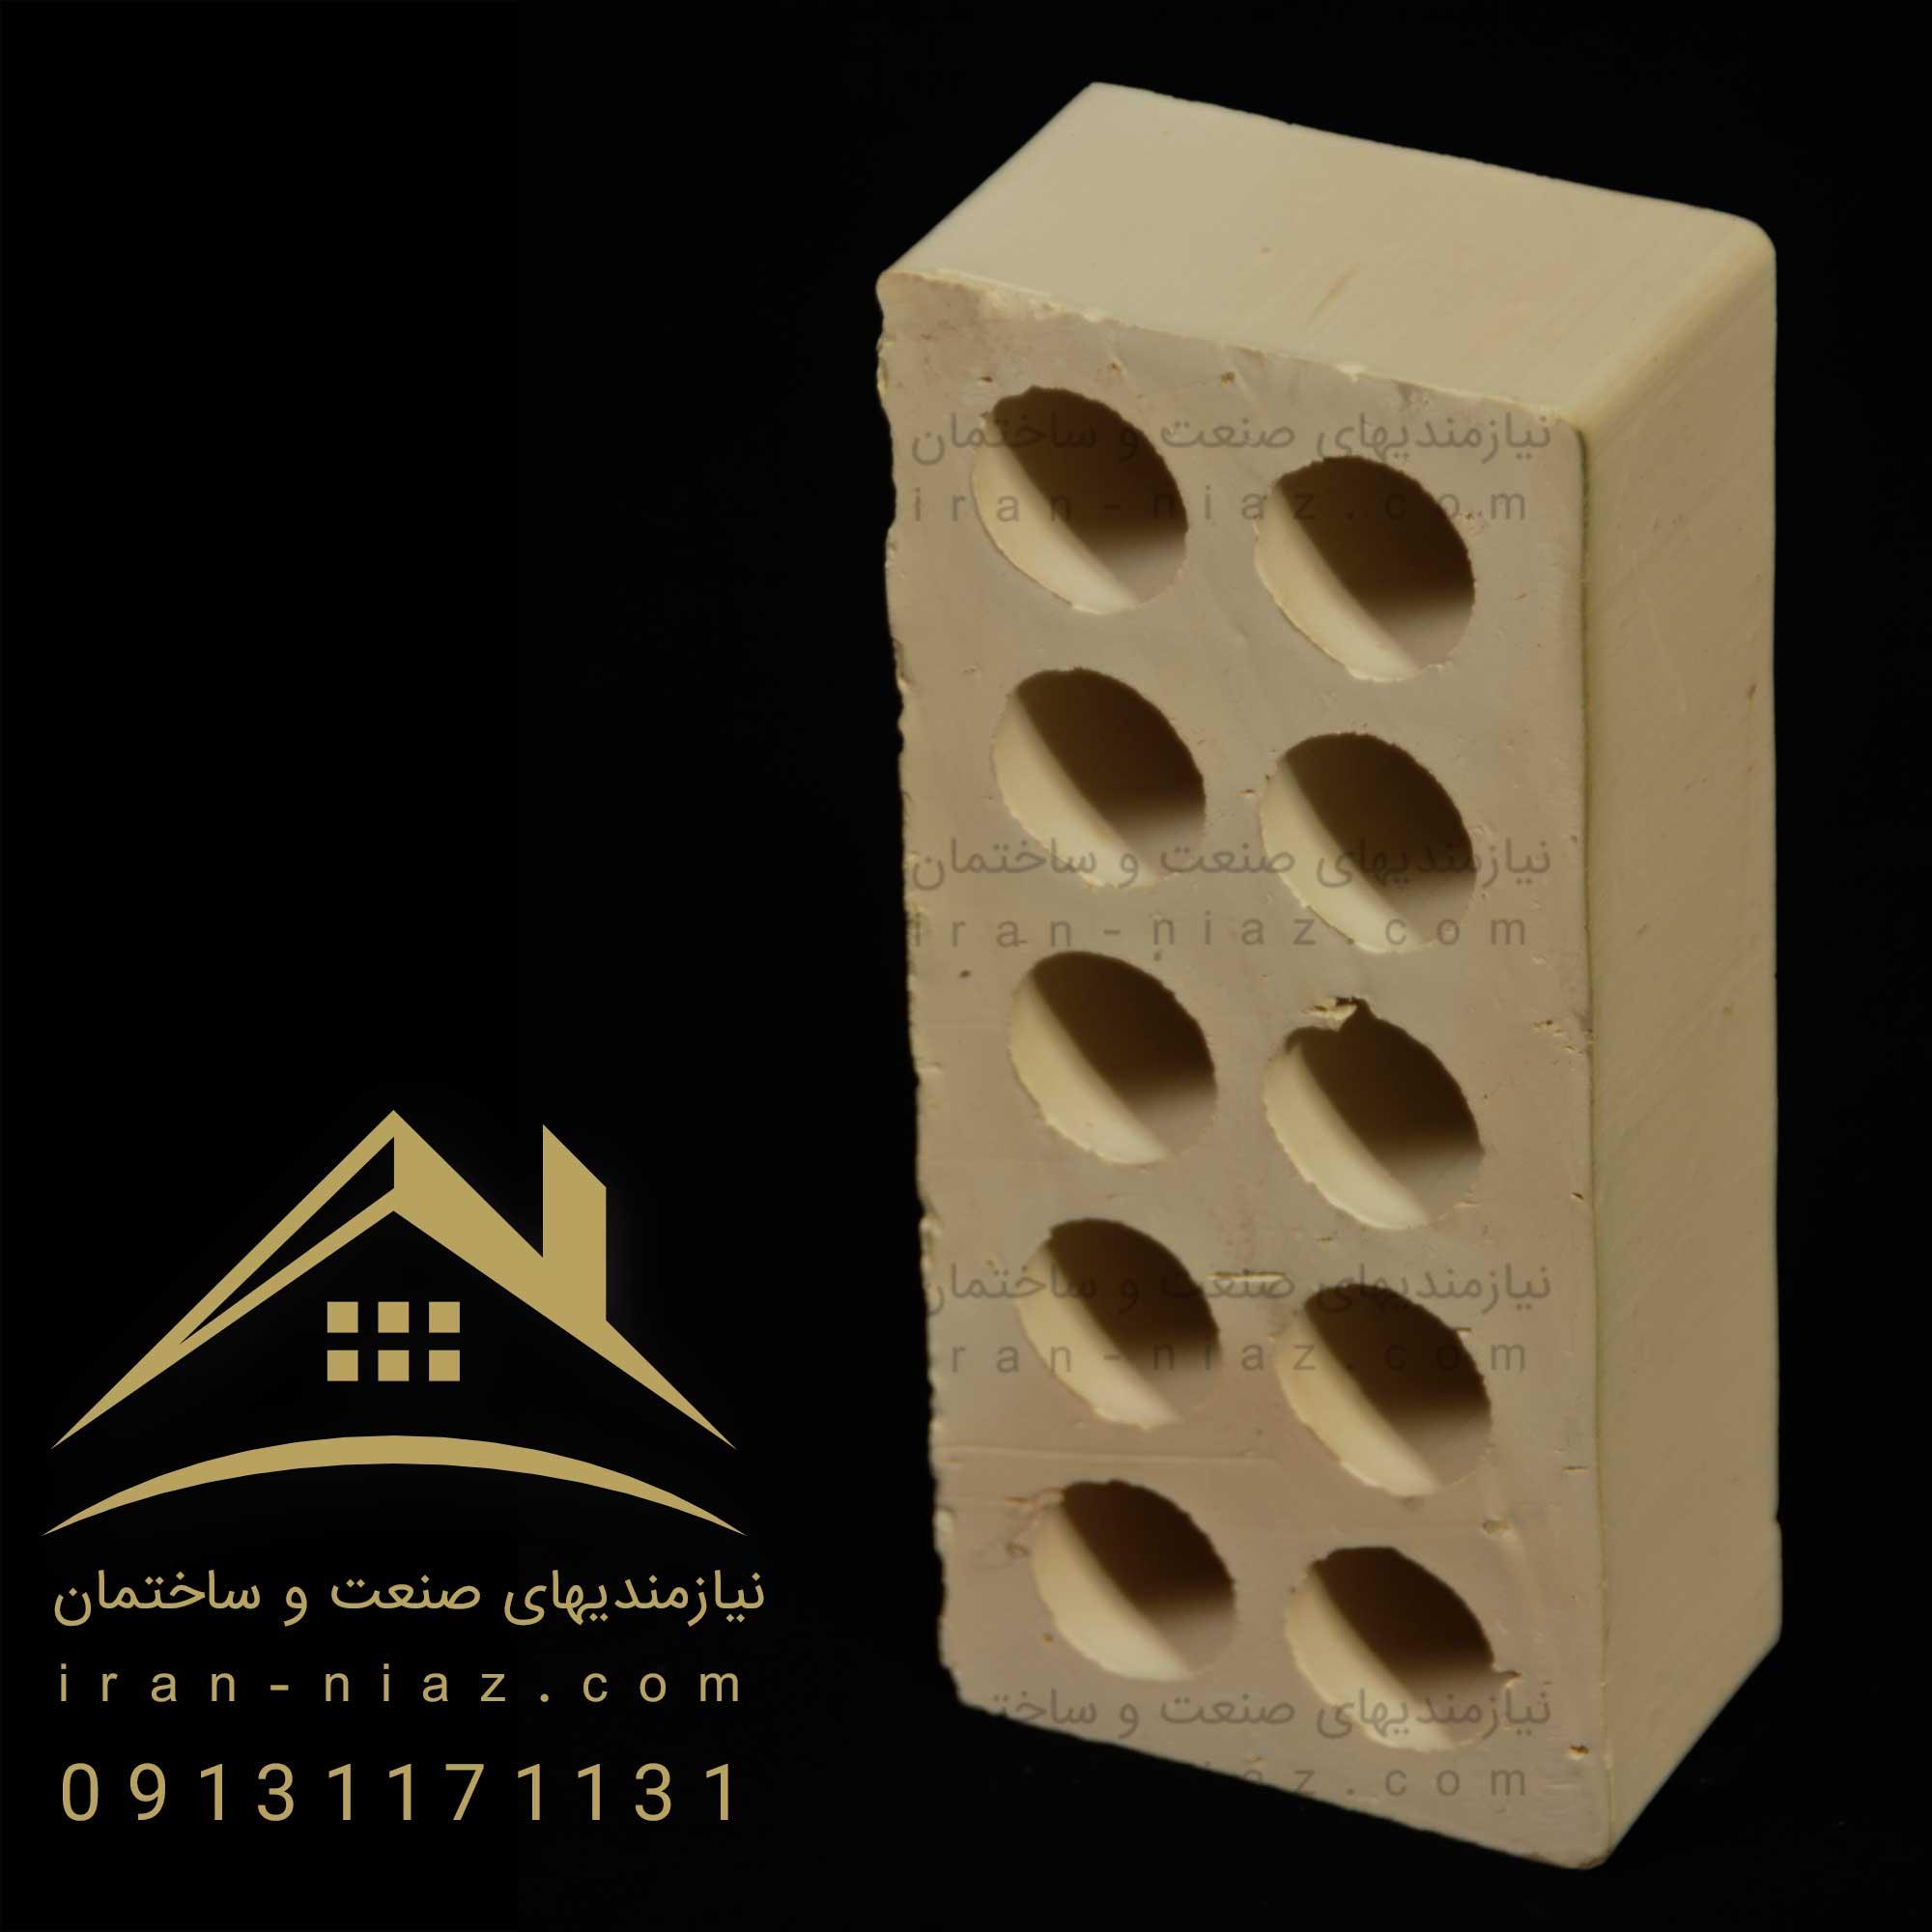 قالب-کوچک-اصفهان-فتاحی